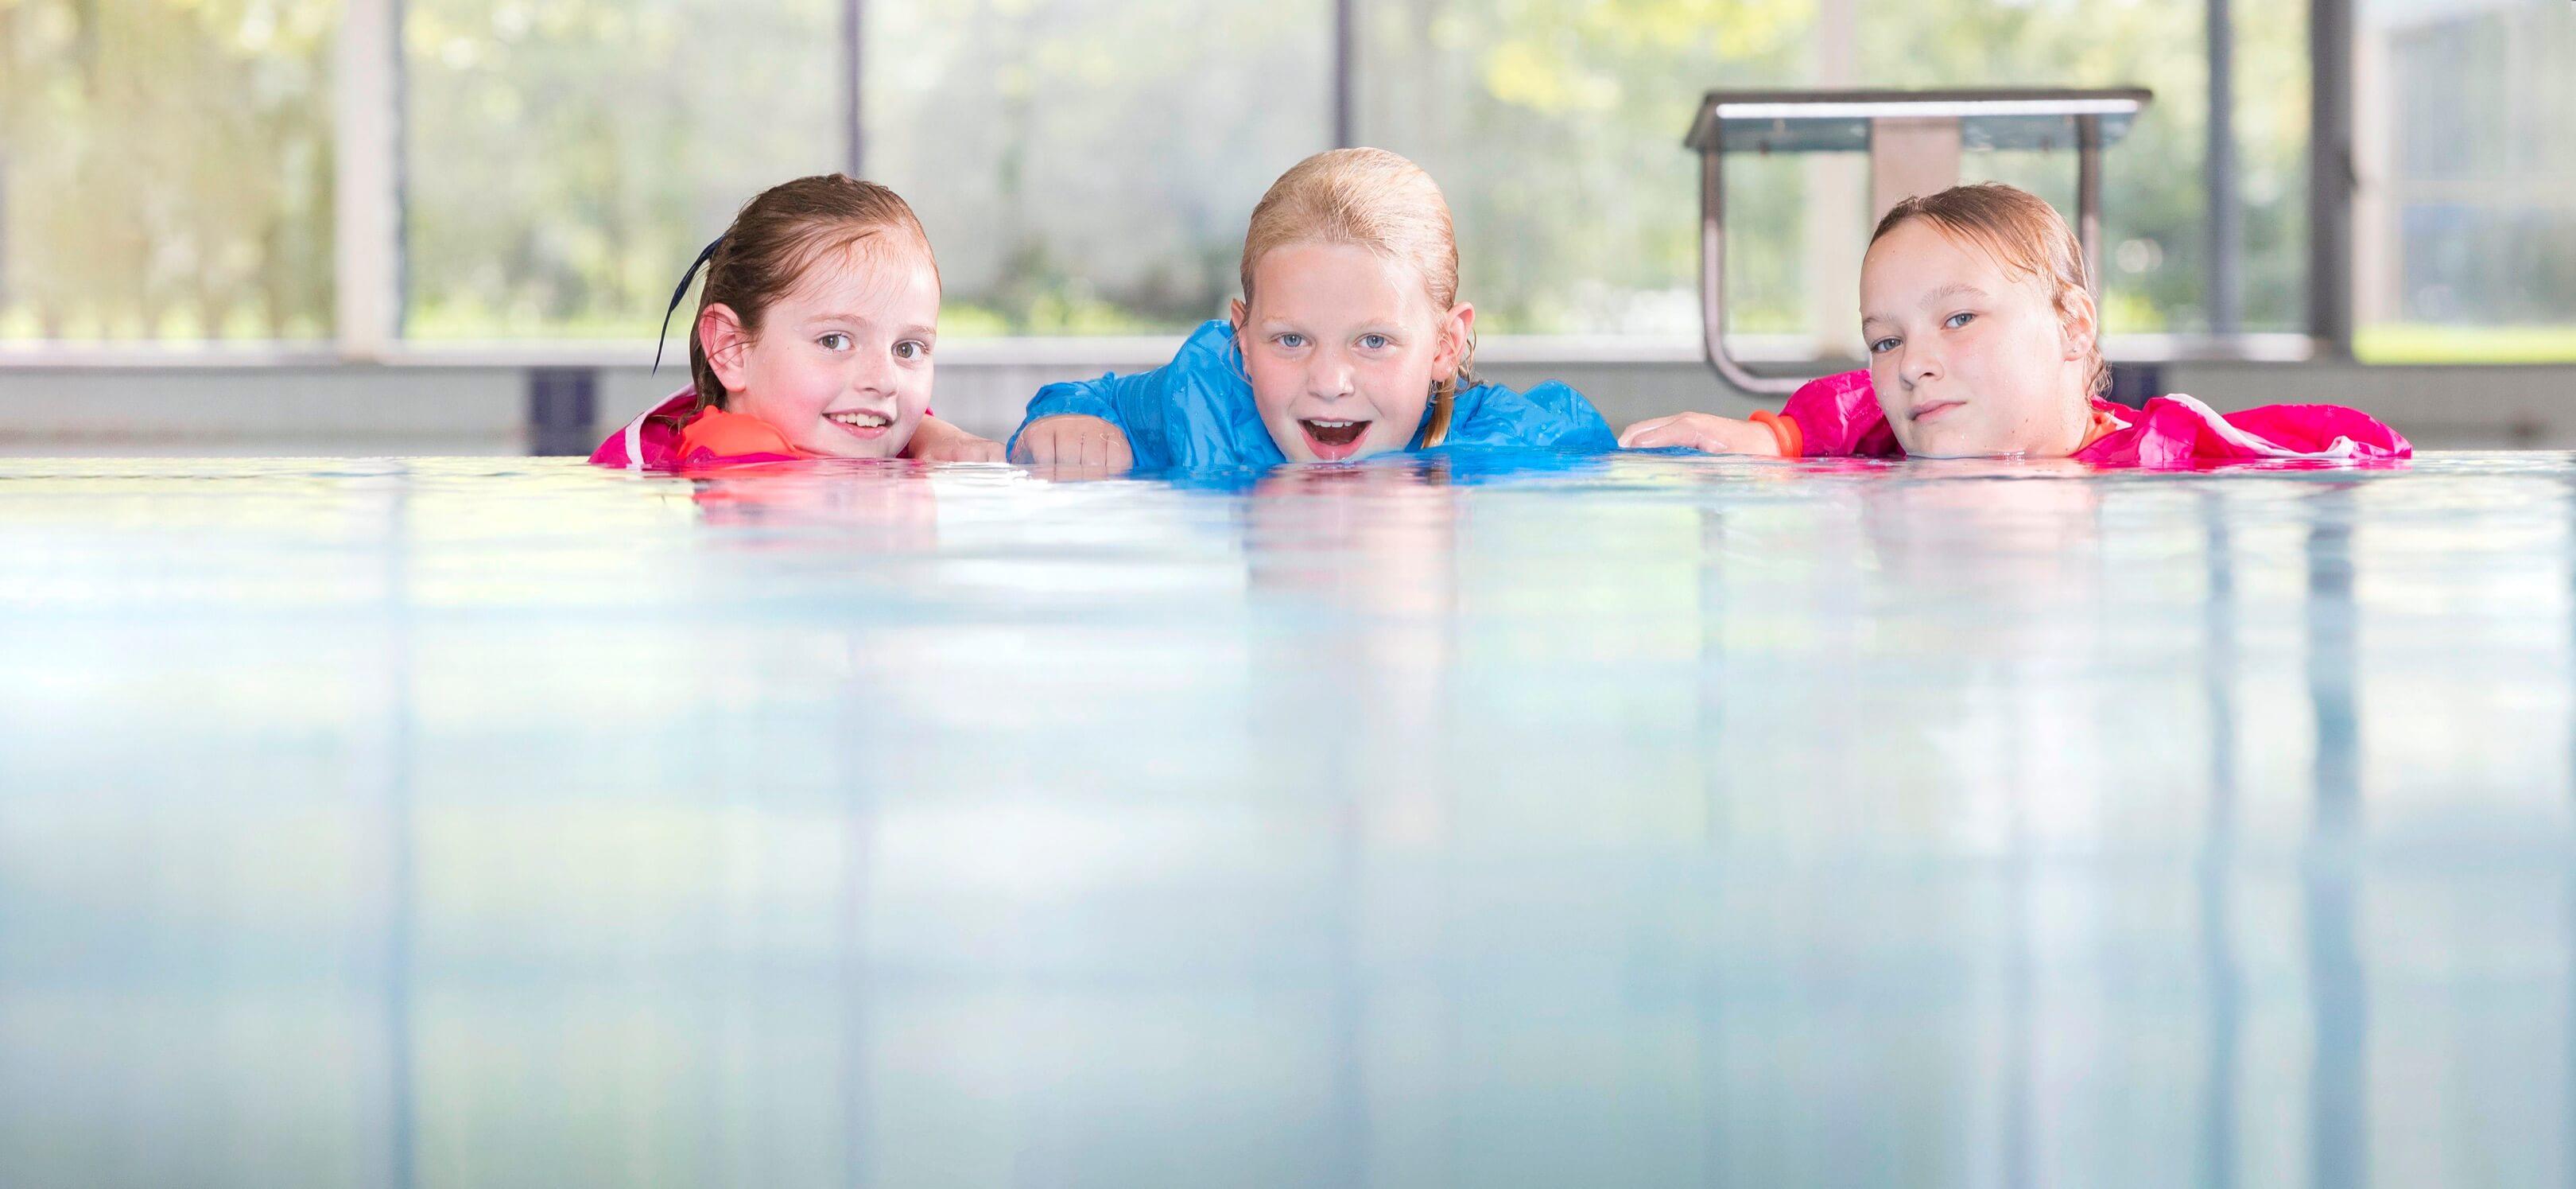 zwemschool van Tongeren beeldbank Jurjen Poeles fotografie kinderen in zwembad zwemles